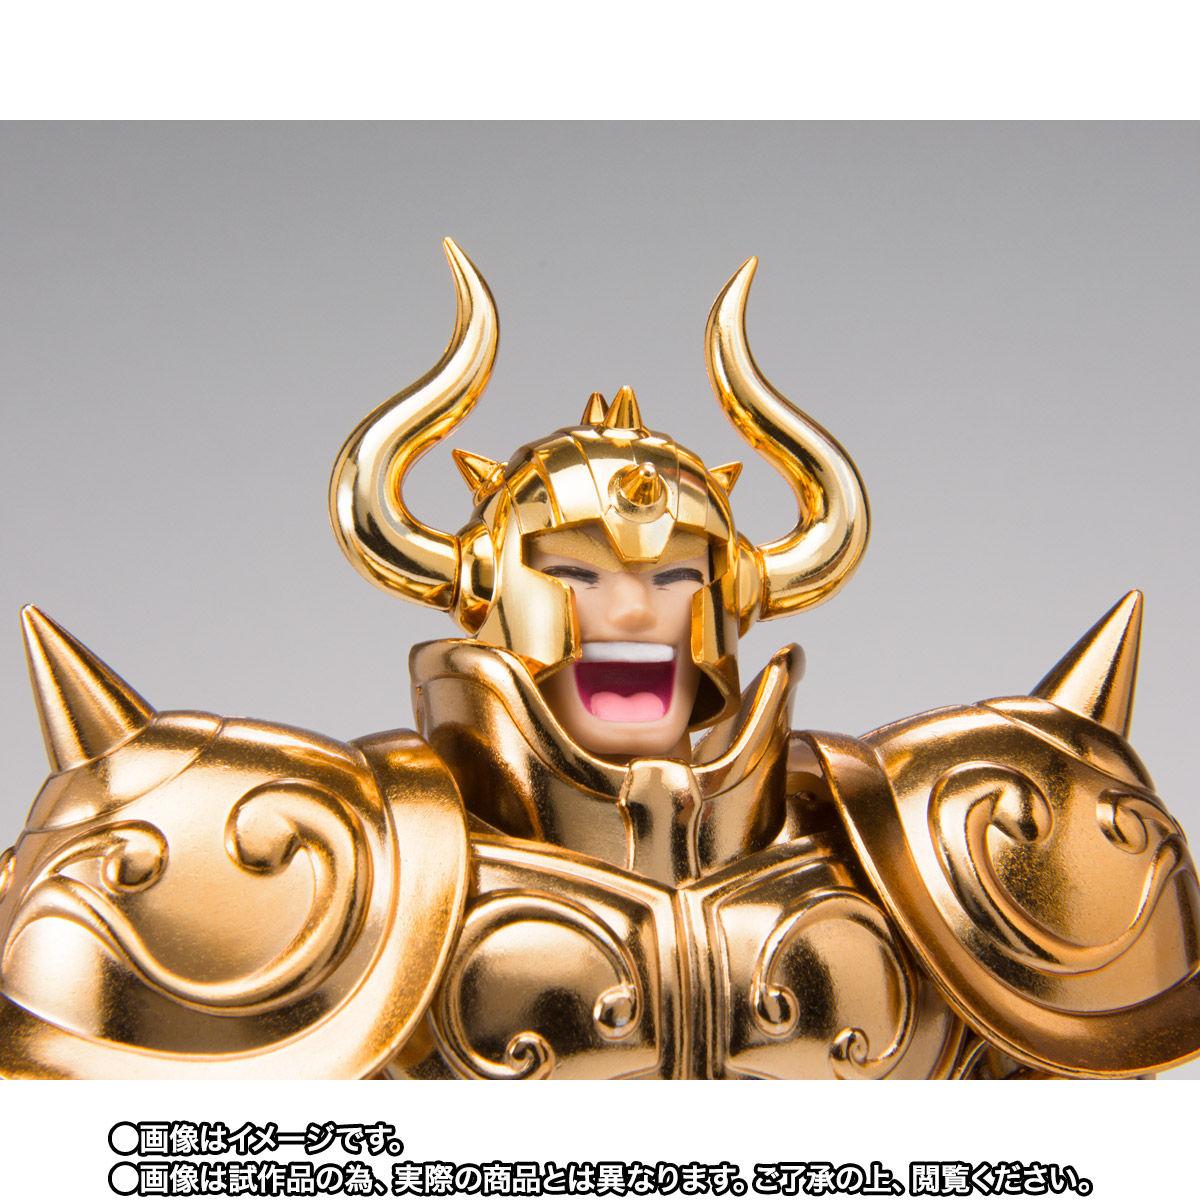 【限定販売】聖闘士聖衣神話EX『タウラスアルデバラン ~ORIGINAL COLOR EDITION~』可動フィギュア-007